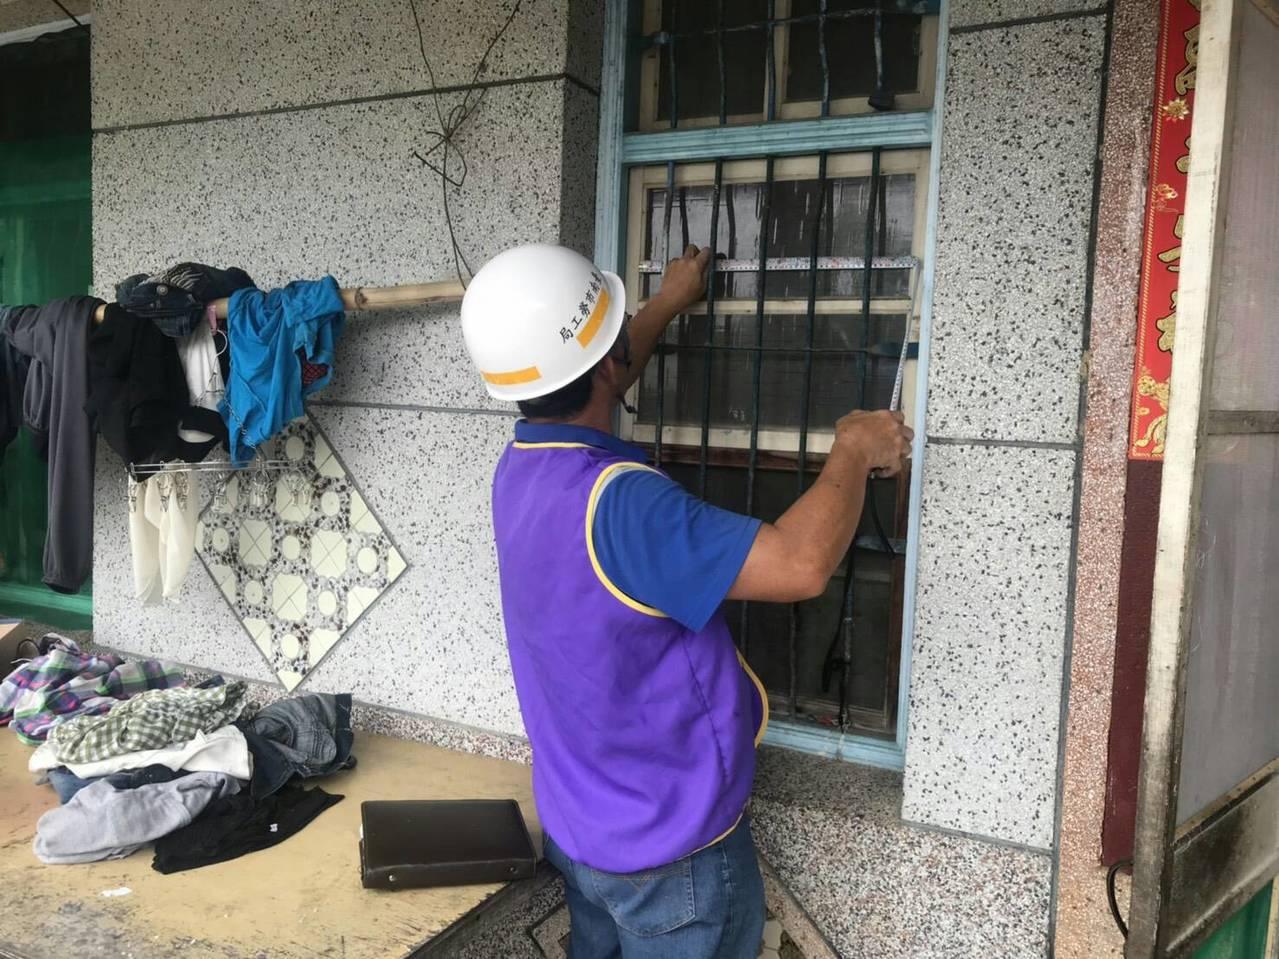 台南市鋁製品工會志工利用國慶假日,為身障阿嬤整修房子。圖/勞工局提供